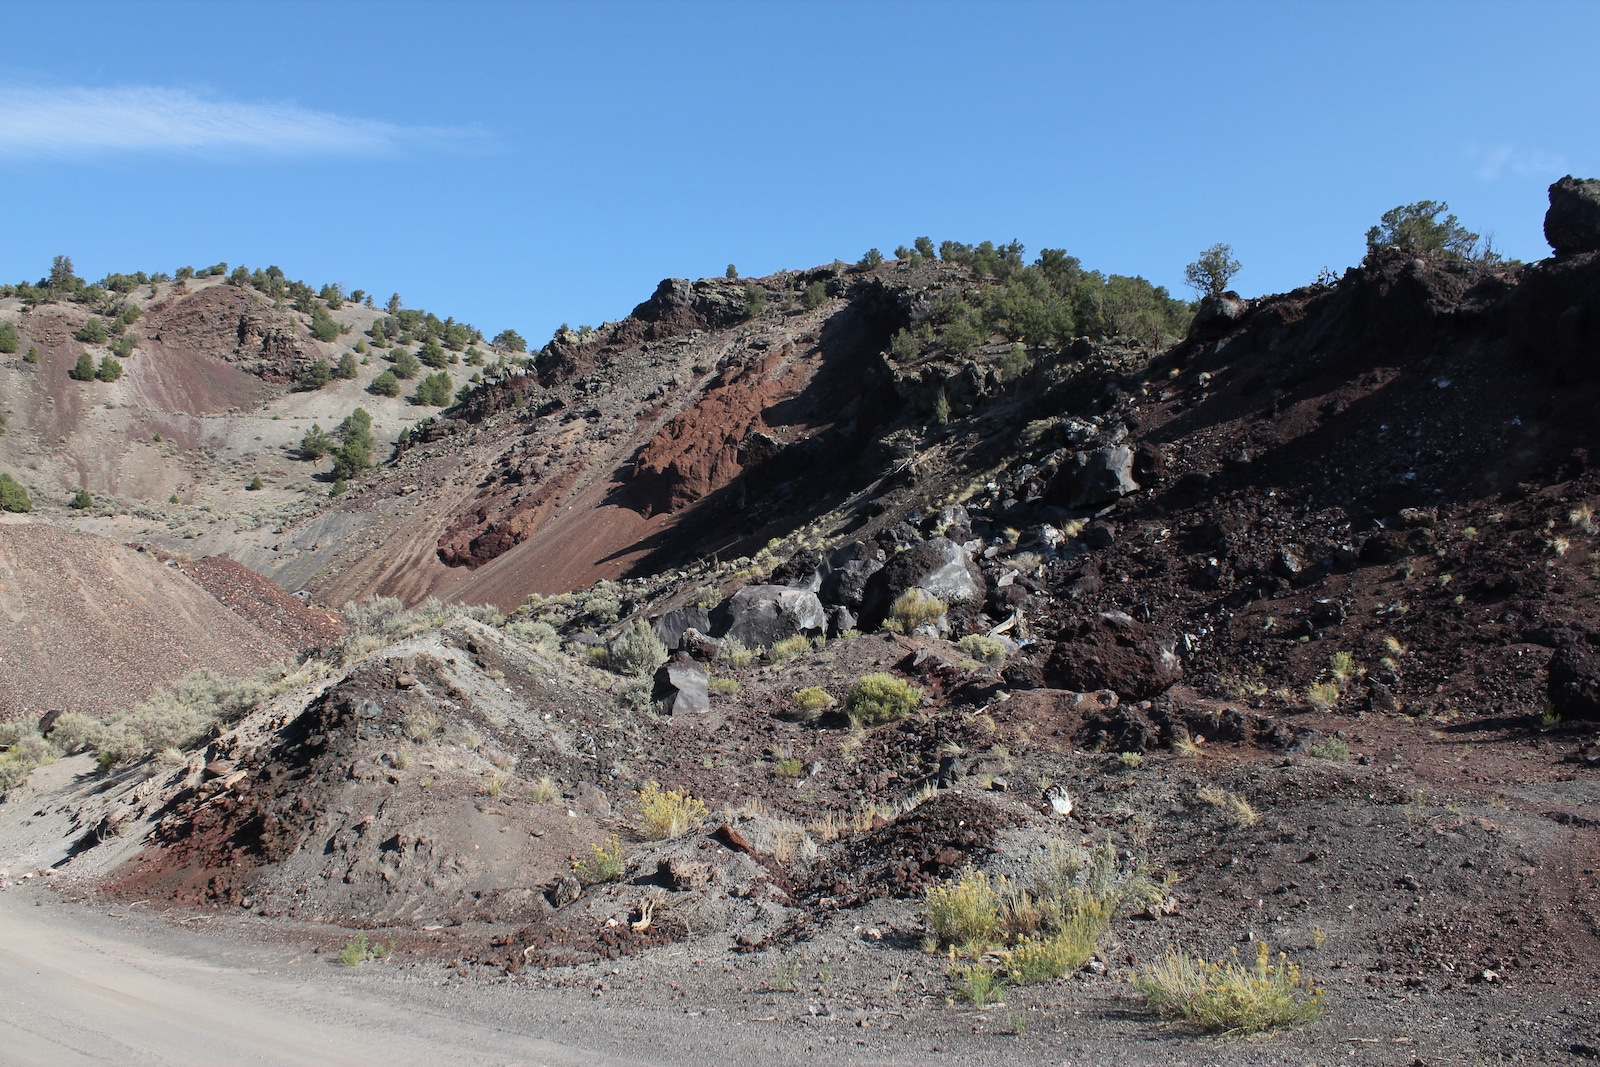 Dotsero Colorado Volcano Lava Flow